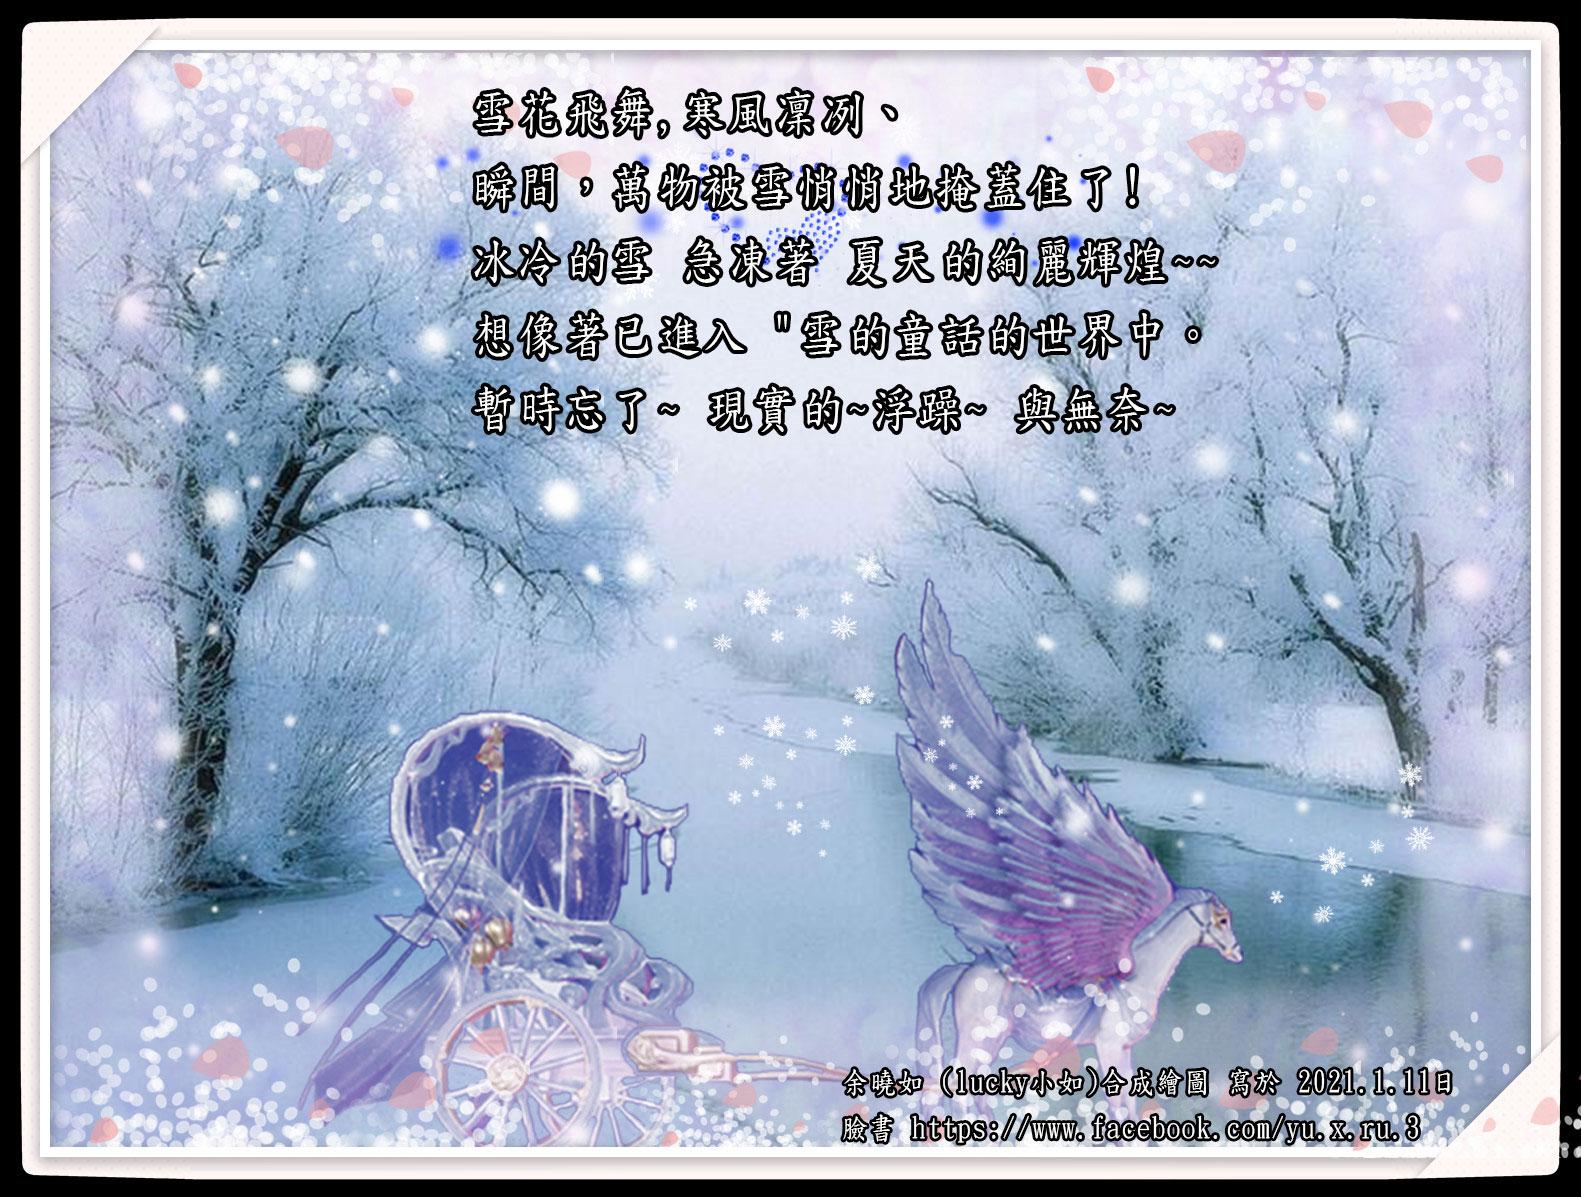 """想像著 已進入 """"雪的 童話的世界中。"""